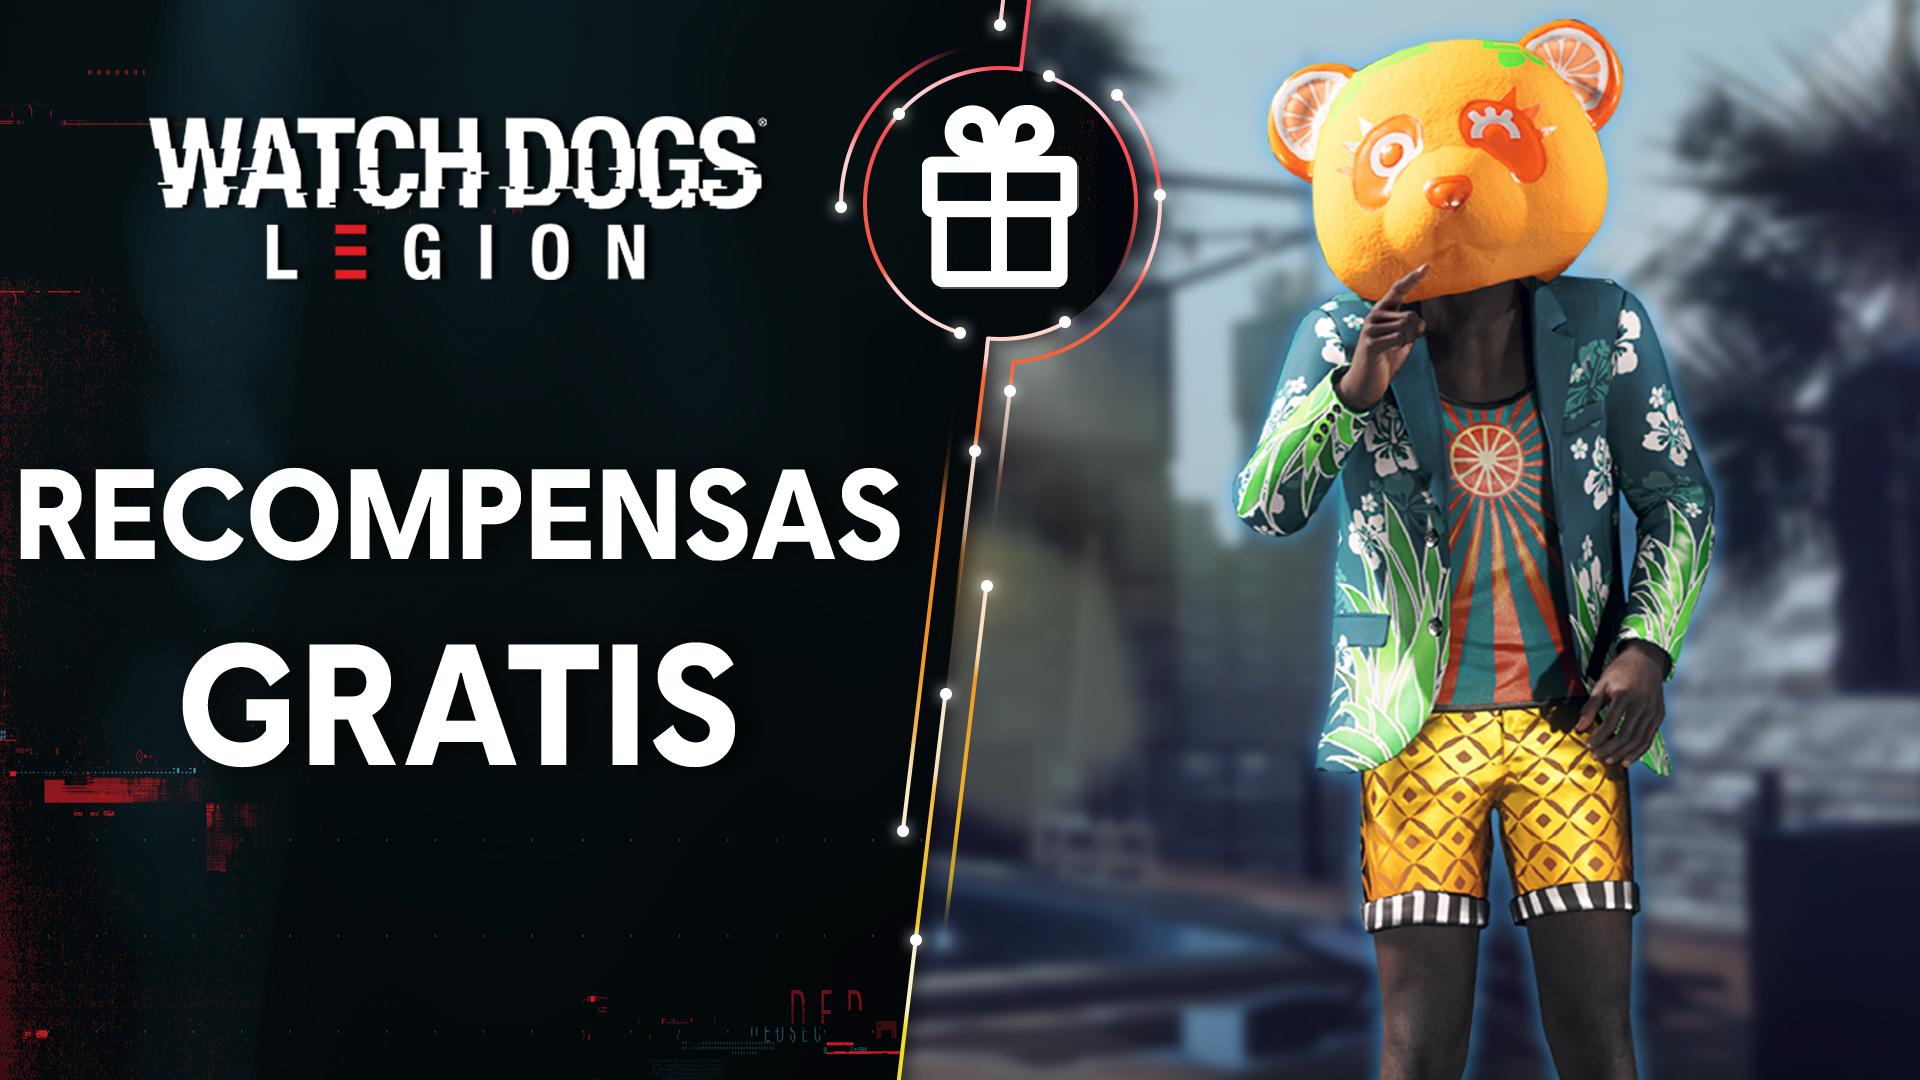 Watch Dogs: Legion (Recompensas gratuitas de verano)